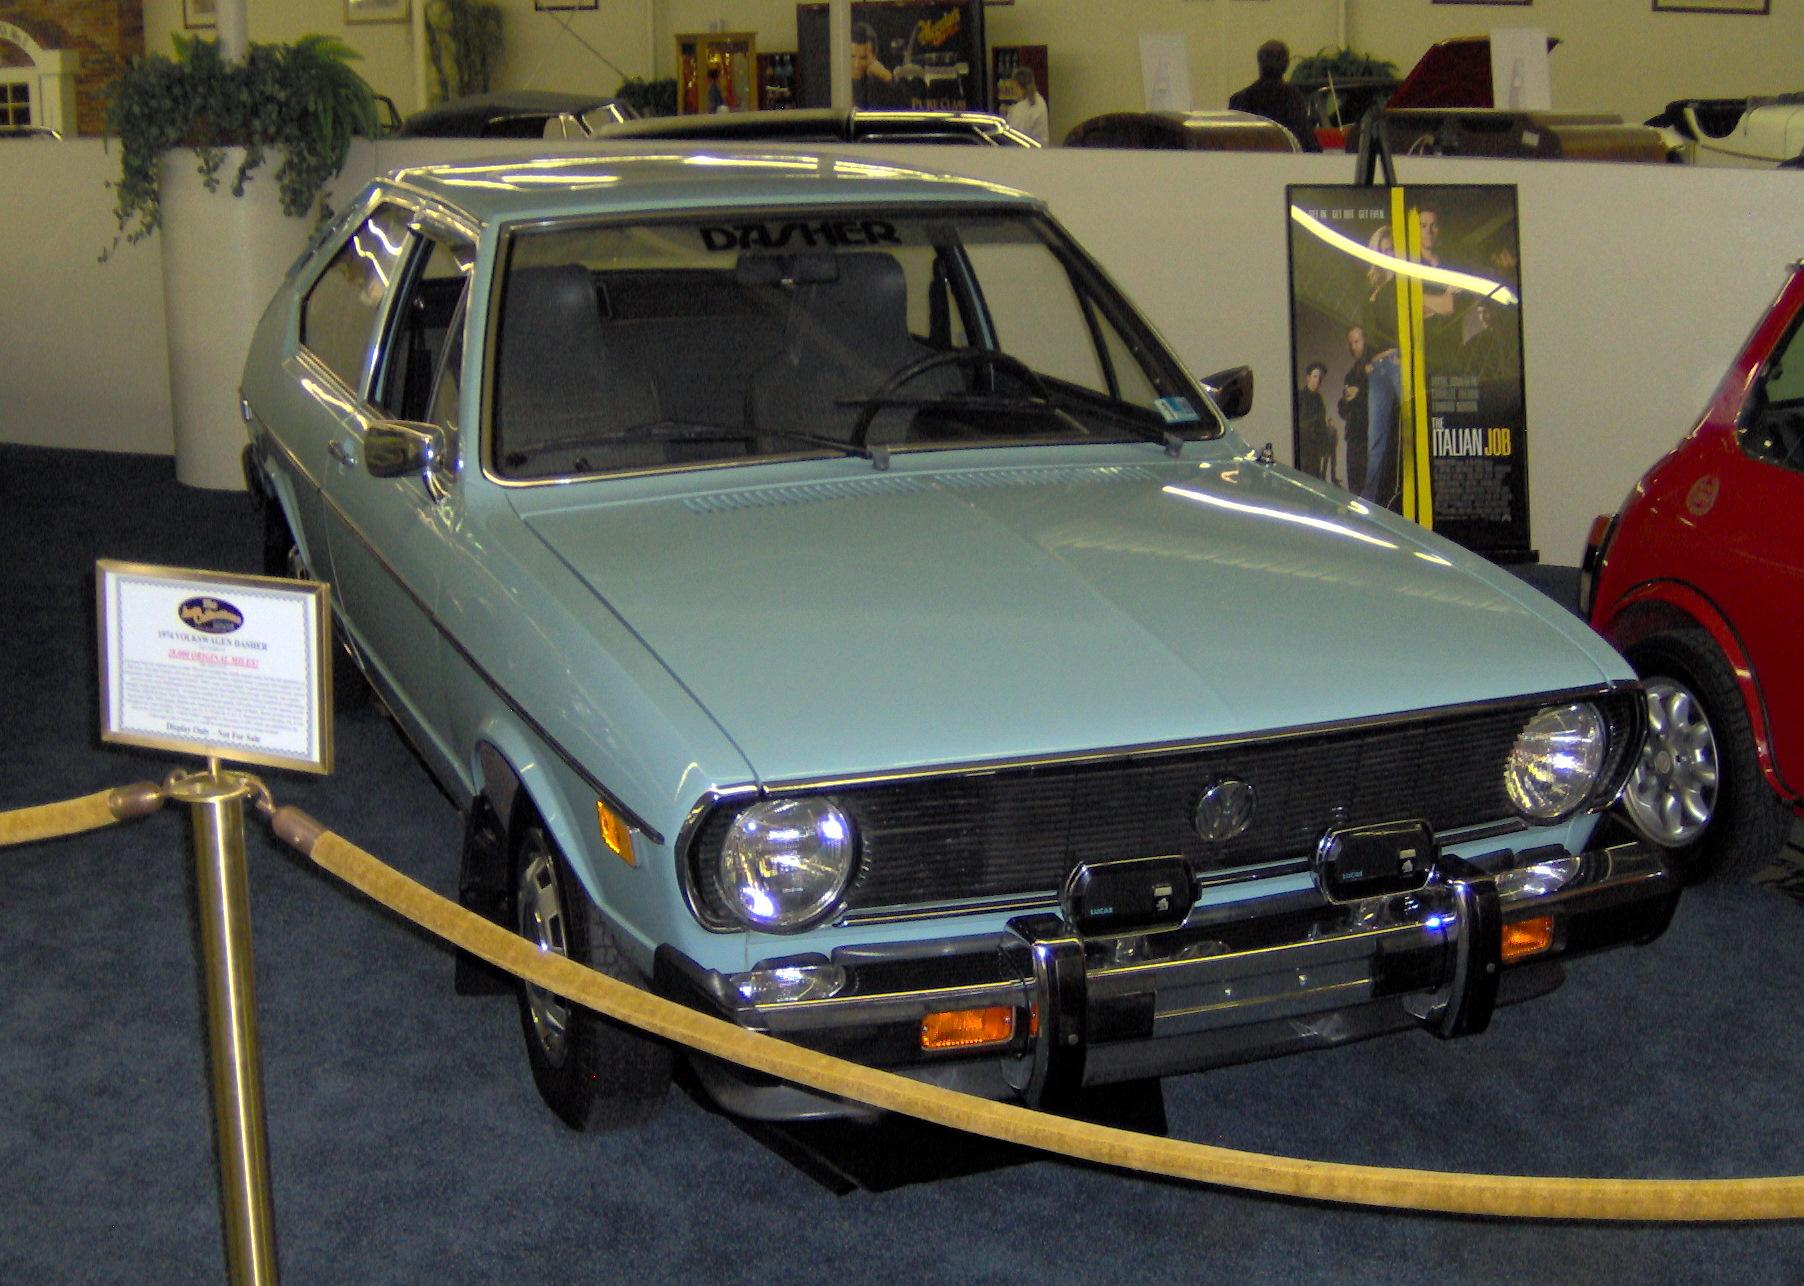 Volkswagen Las Vegas >> File:1974 Volkswagen Dasher.JPG - Wikimedia Commons